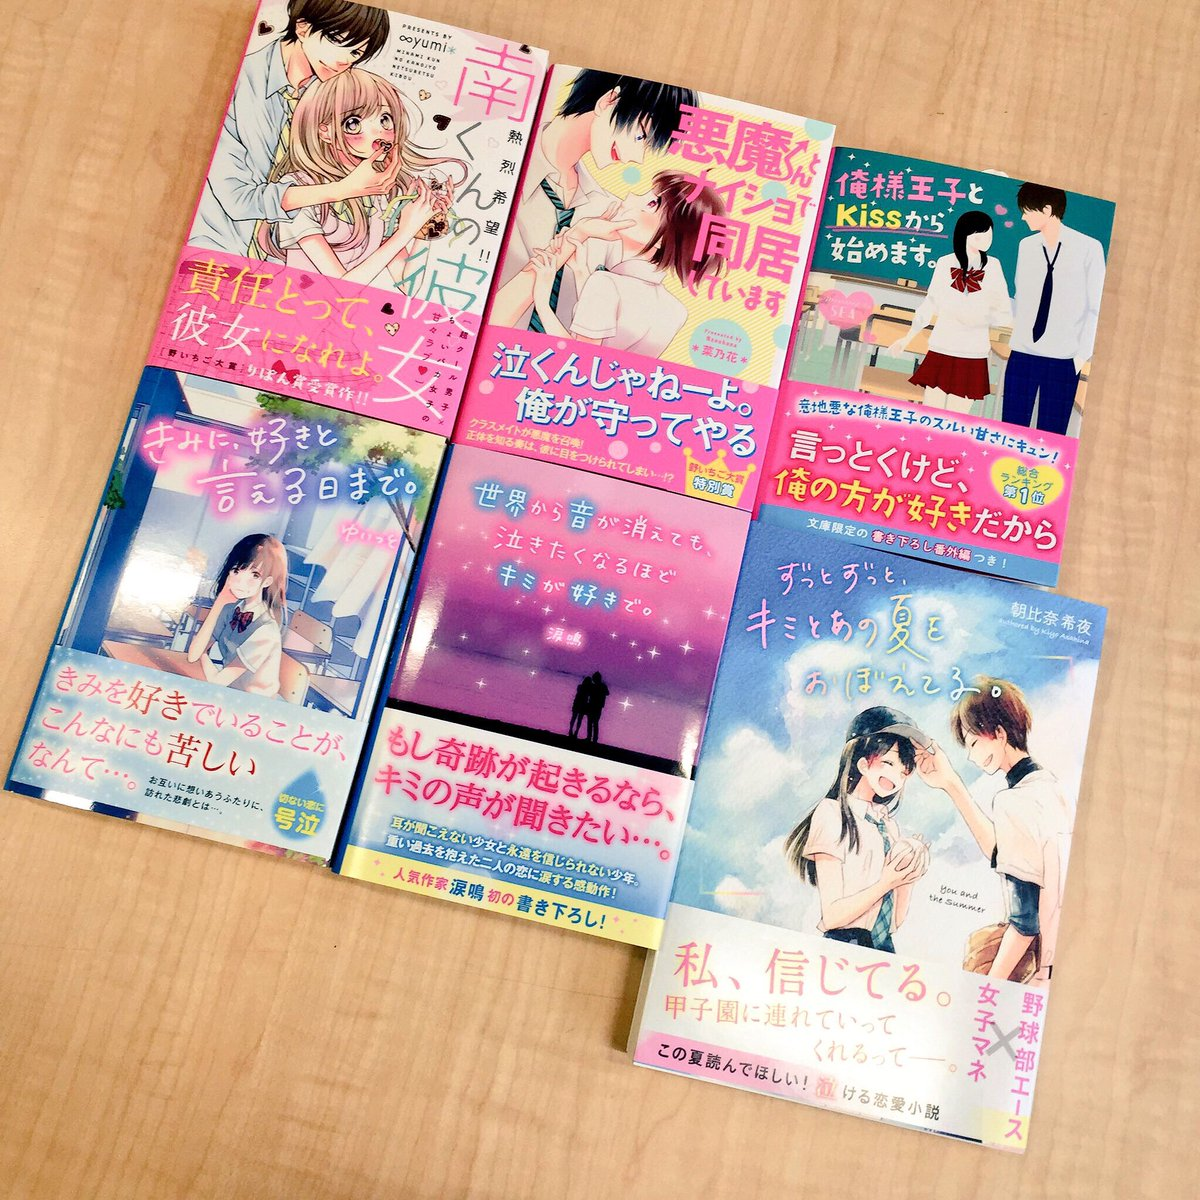 小説 ケータイ 「ケータイ小説は終わった」なんて大間違い! 今も16万部のヒットを生み出すスターツ出版に聞く(飯田一史)